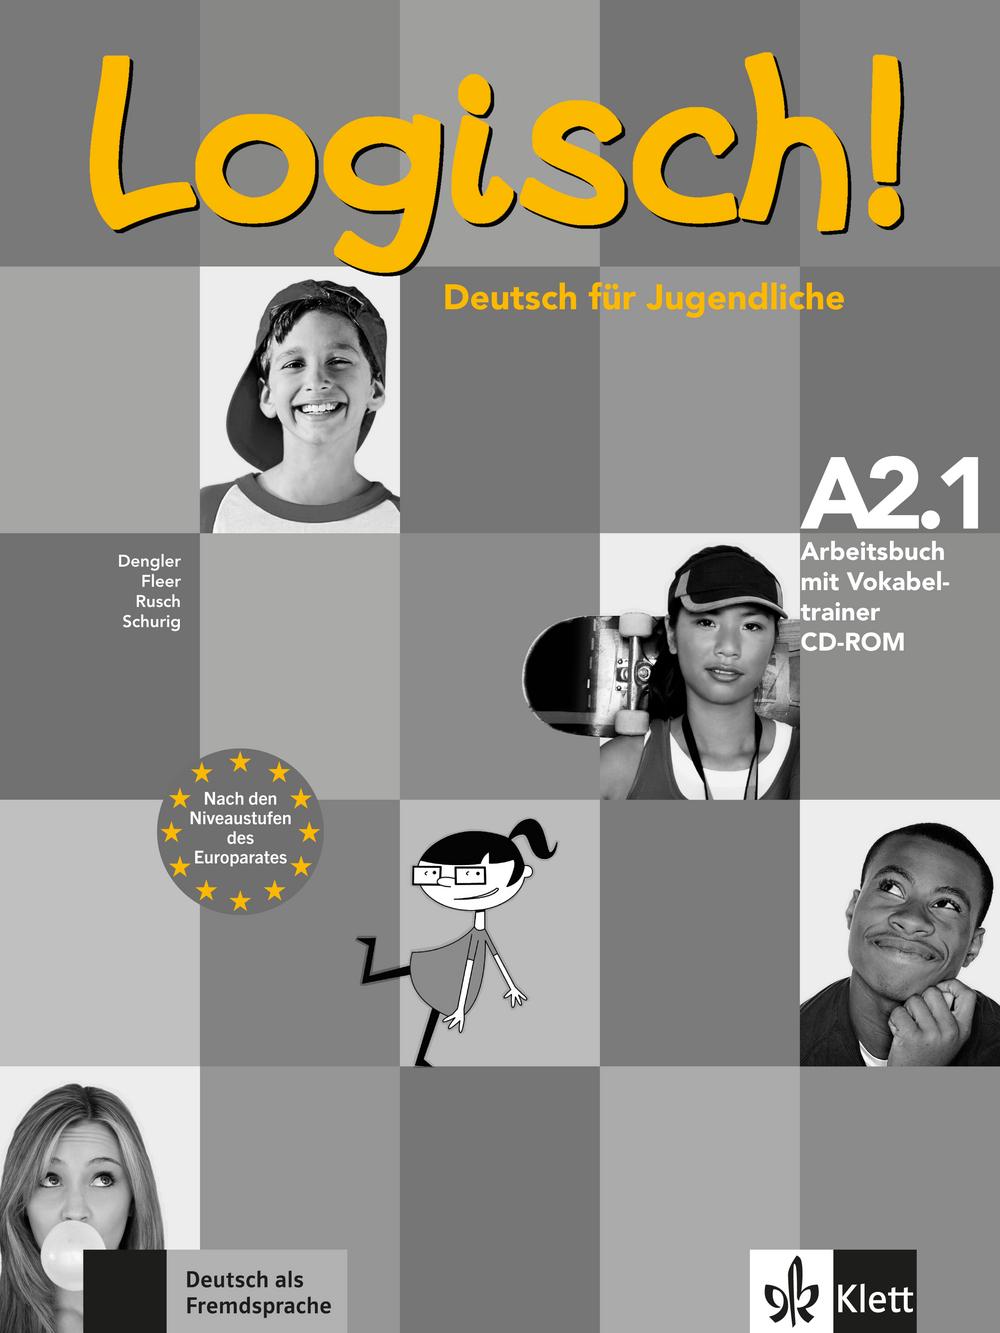 Logisch! A2.1